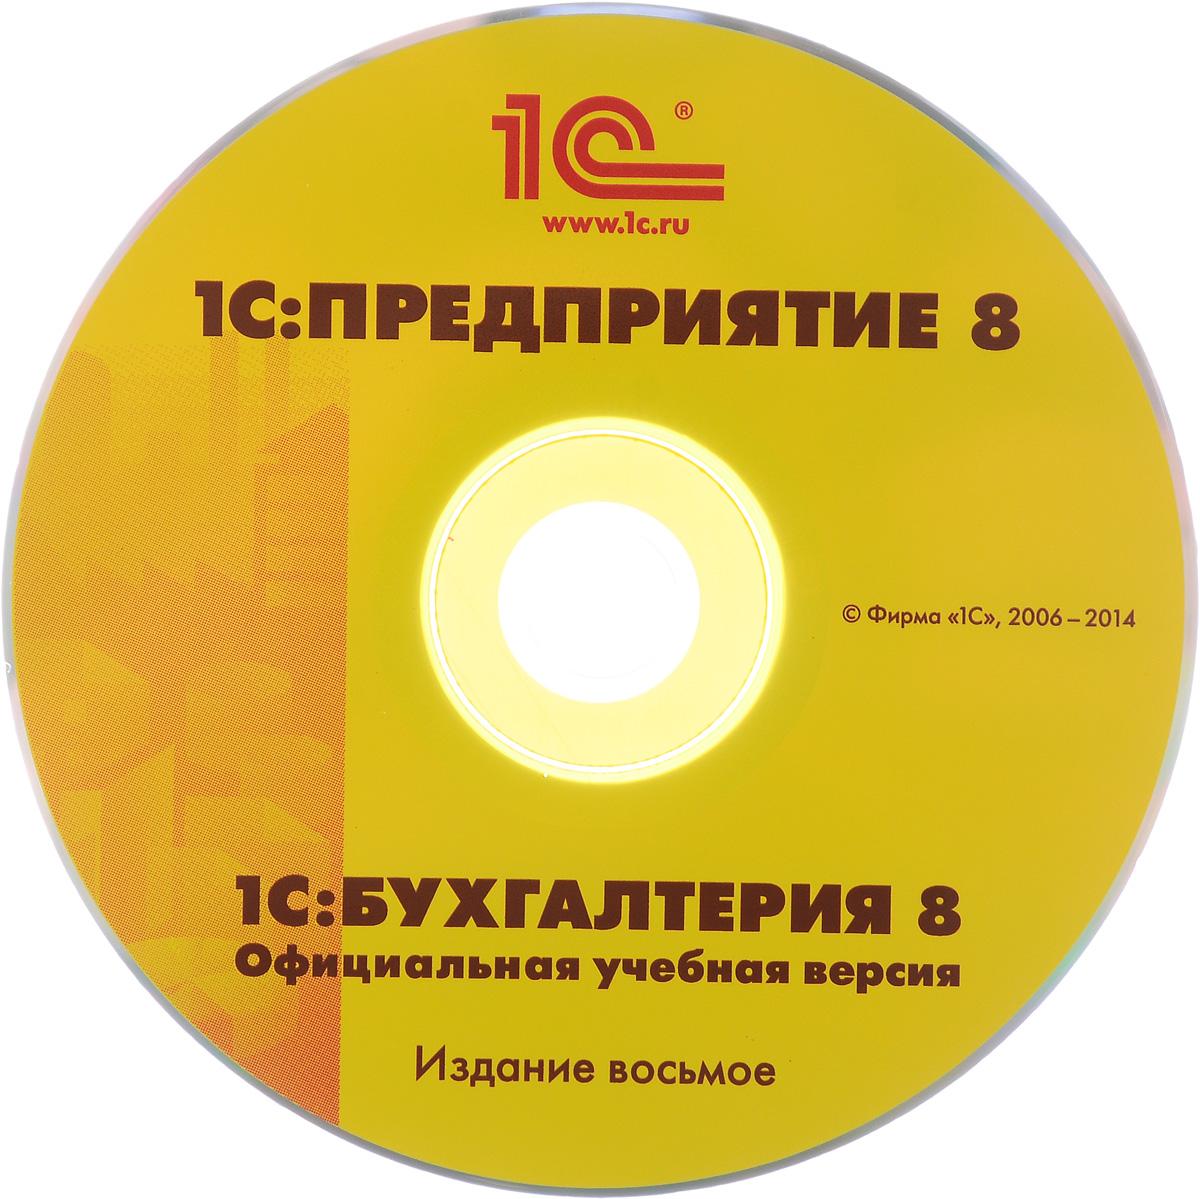 1С:Бухгалтерия 8. Учебная версия (+ CD-ROM)